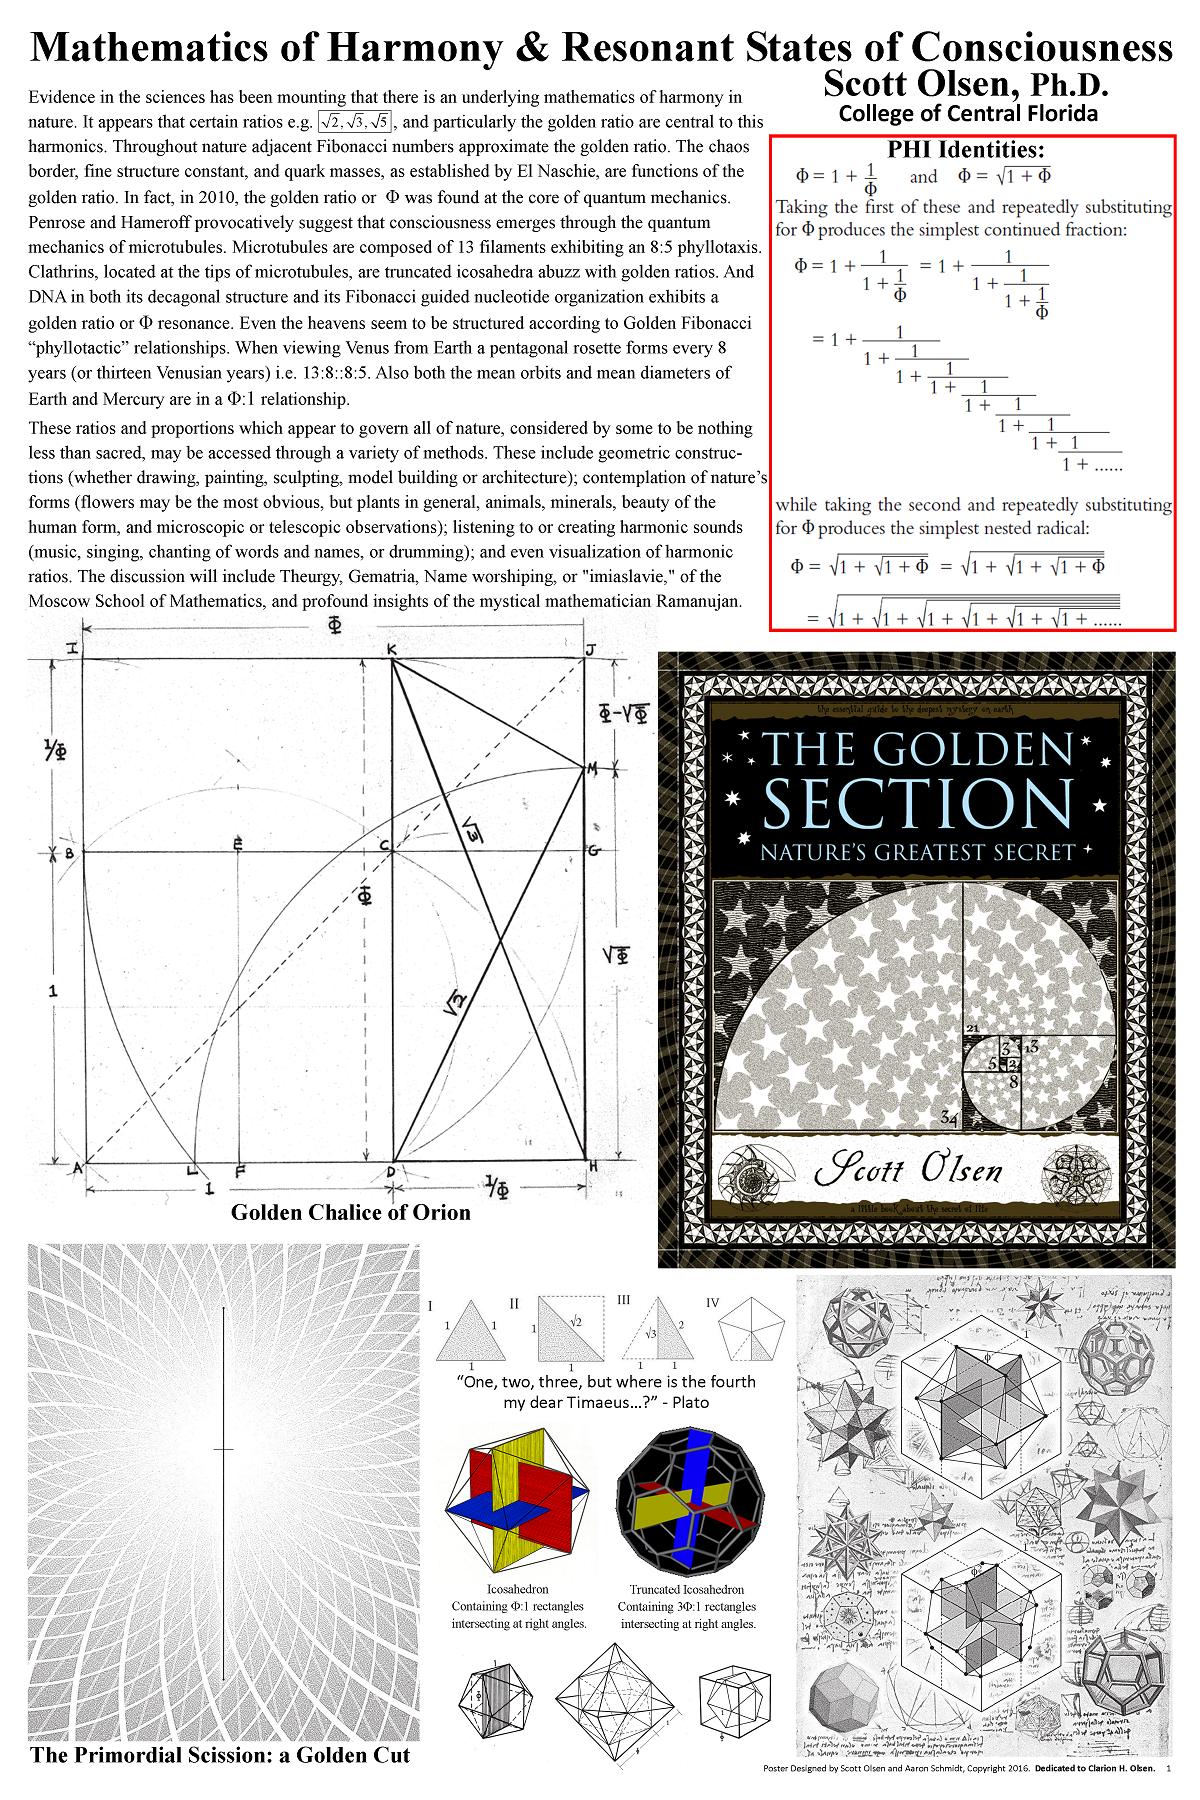 Claregate Metaphysics Group :: Mathematics of Harmony